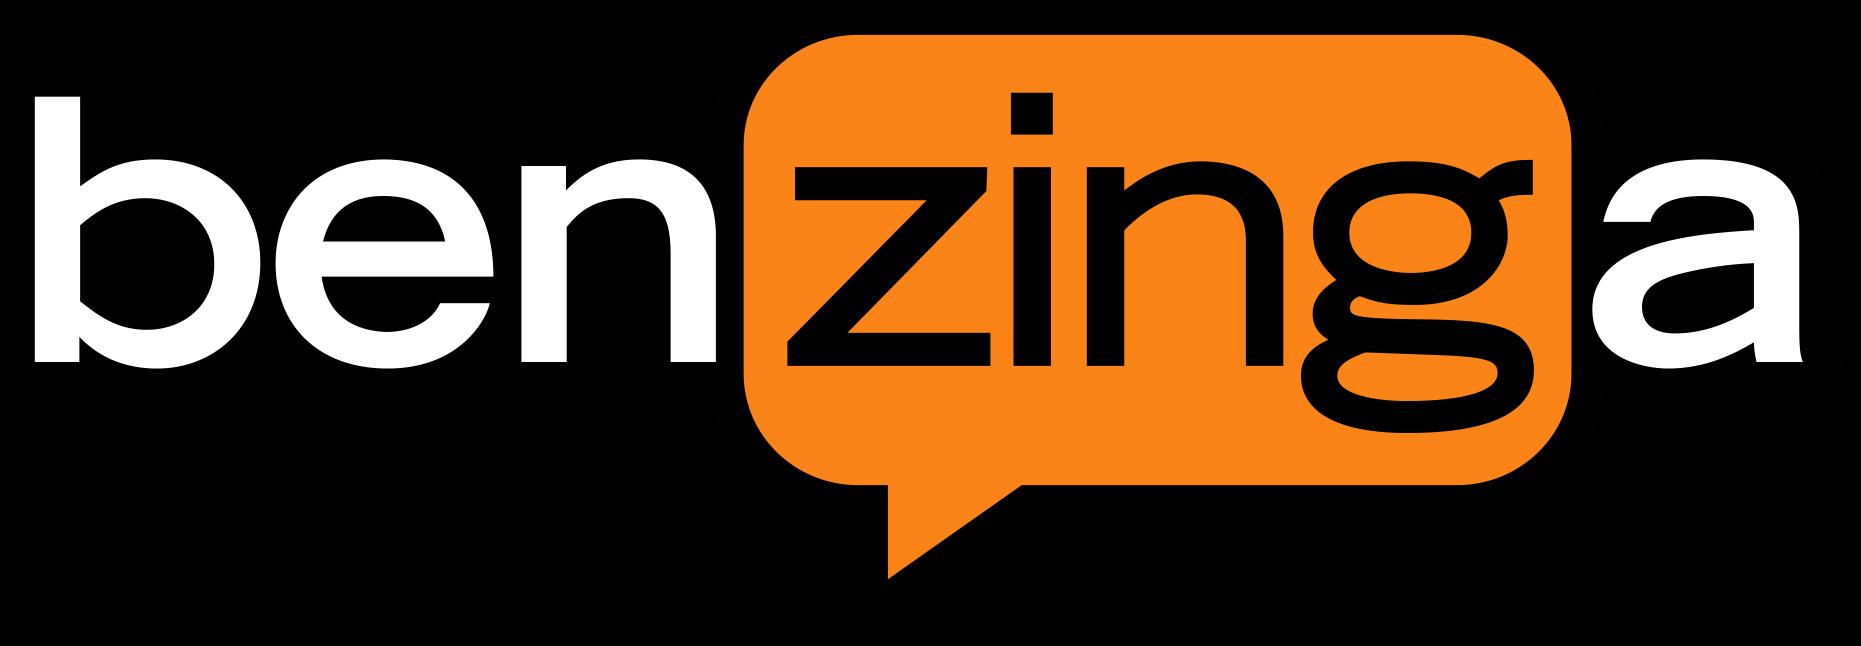 benzinga-logo.png